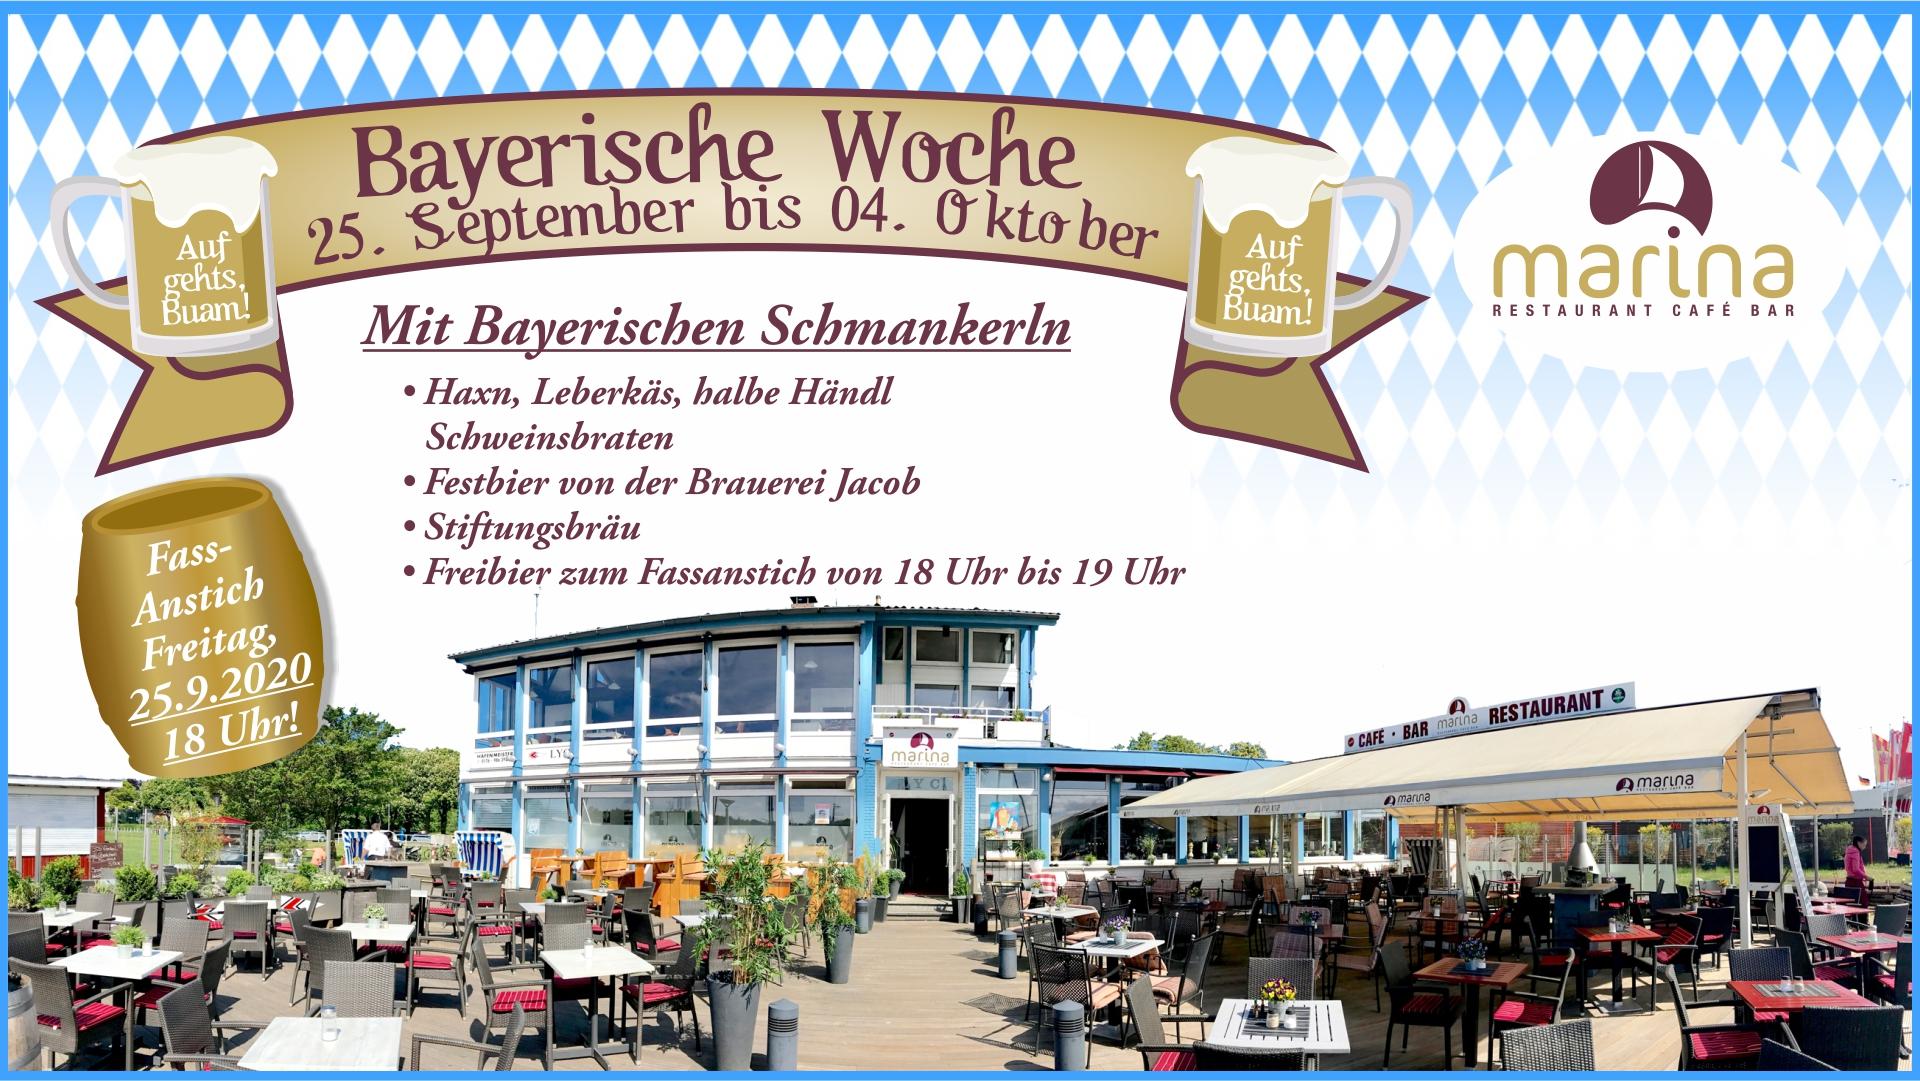 Bayerische Woche vom 25. September bis zum 4. Oktober 2020